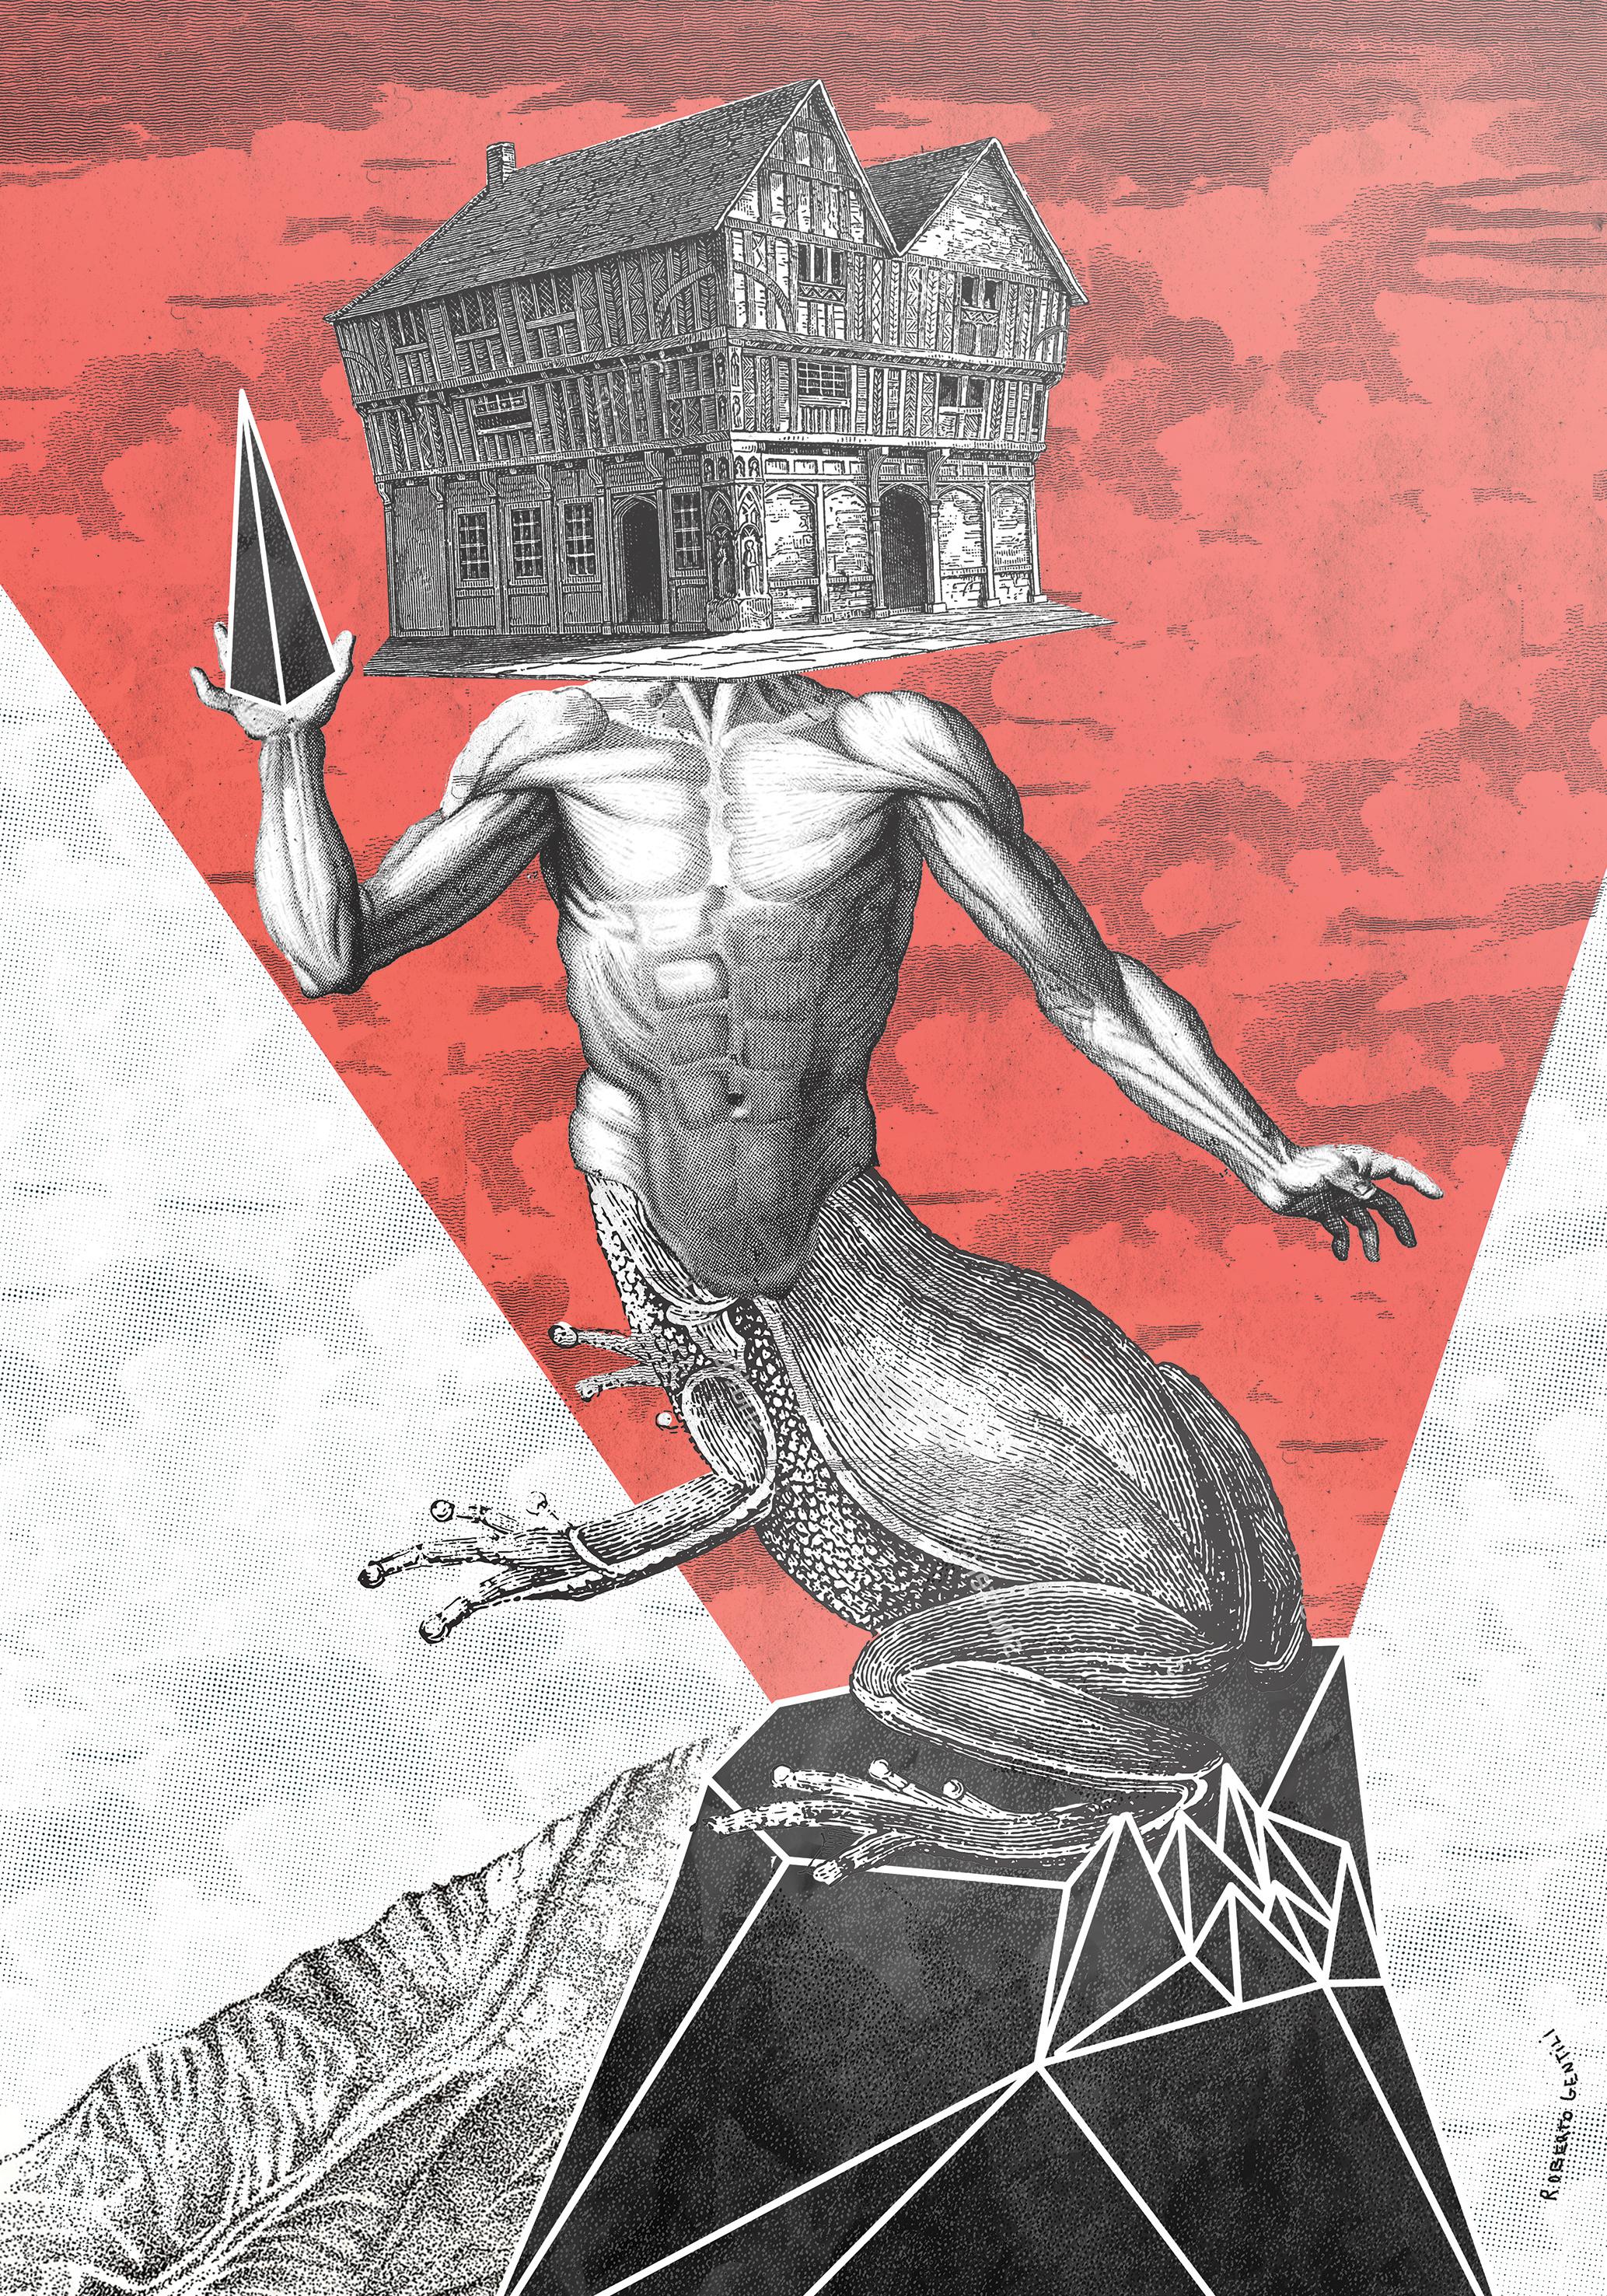 Visions, la visione post apocalittica nei poster di Roberto Gentili | Collater.al 5